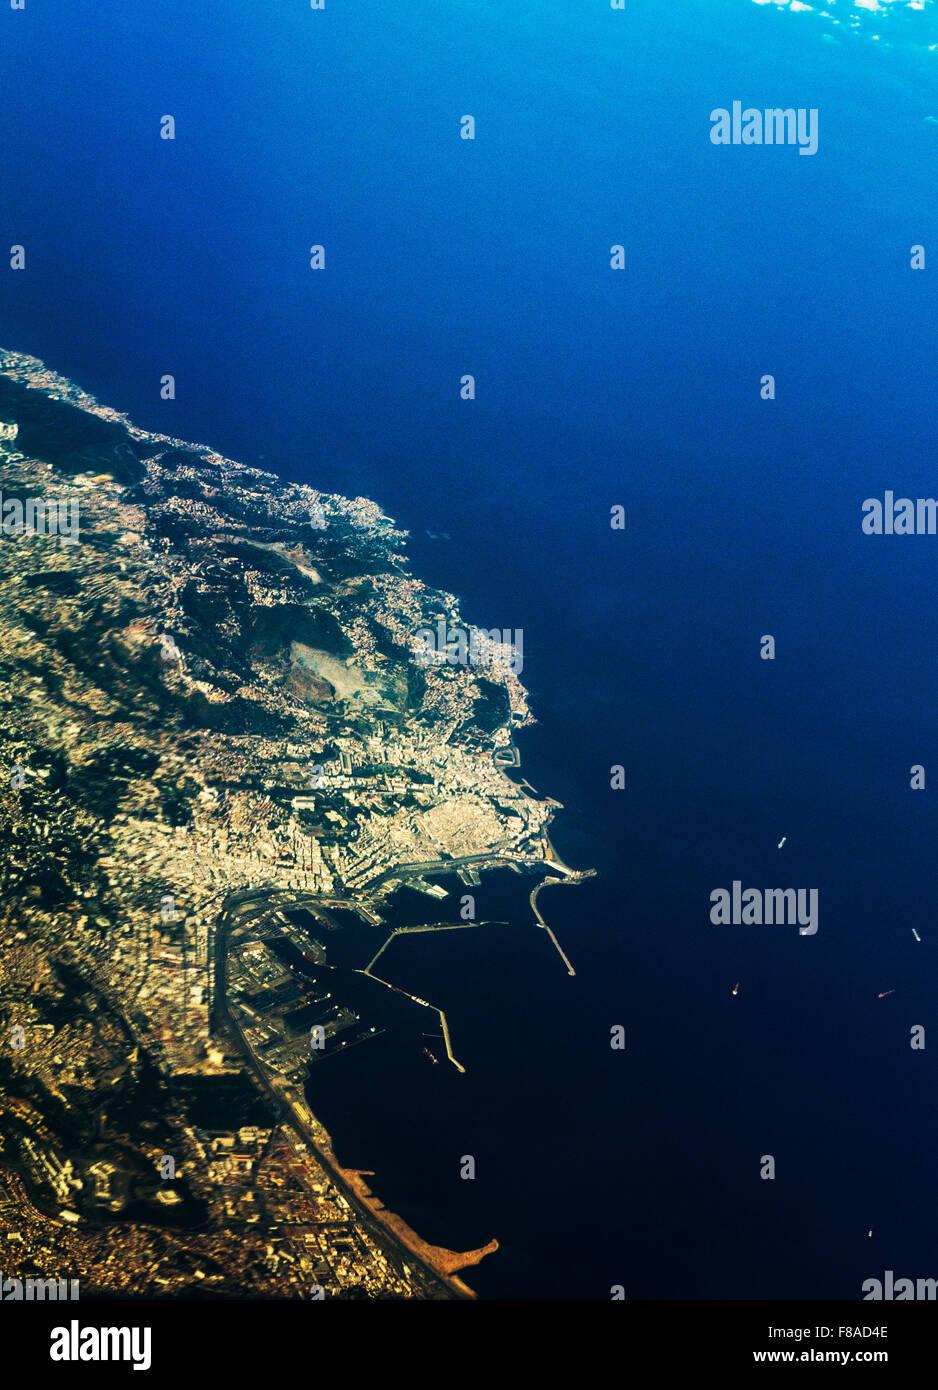 Une vue aérienne d'Alger, la capitale de l'Algérie. Photo Stock